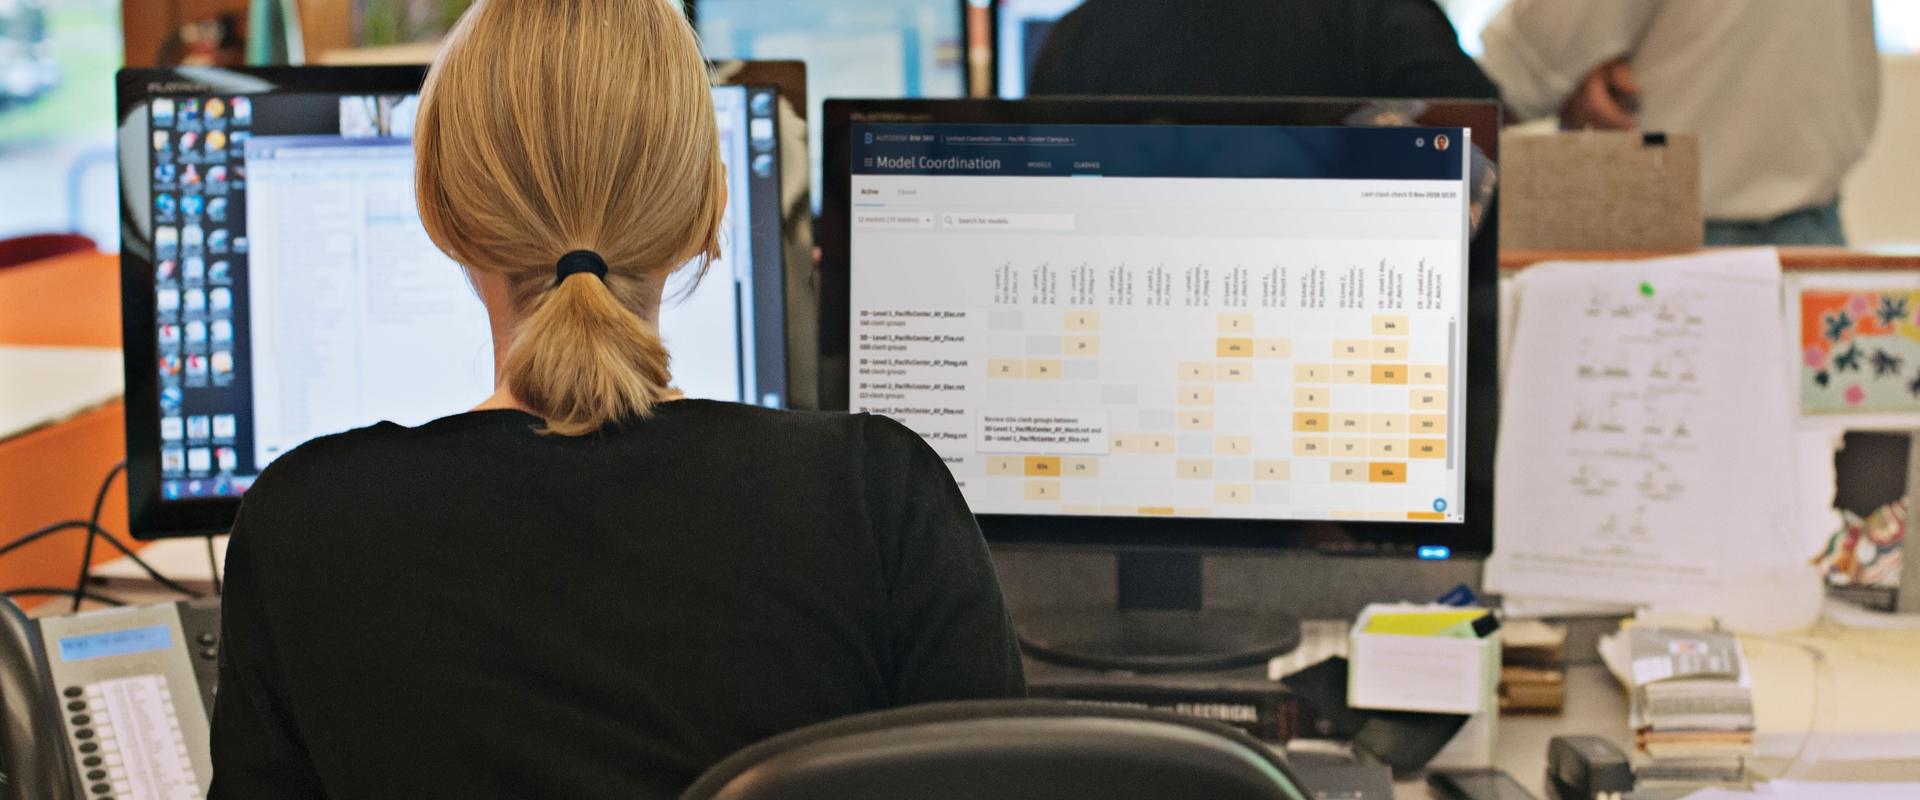 4320x1800-tips-modern-vdc-manager